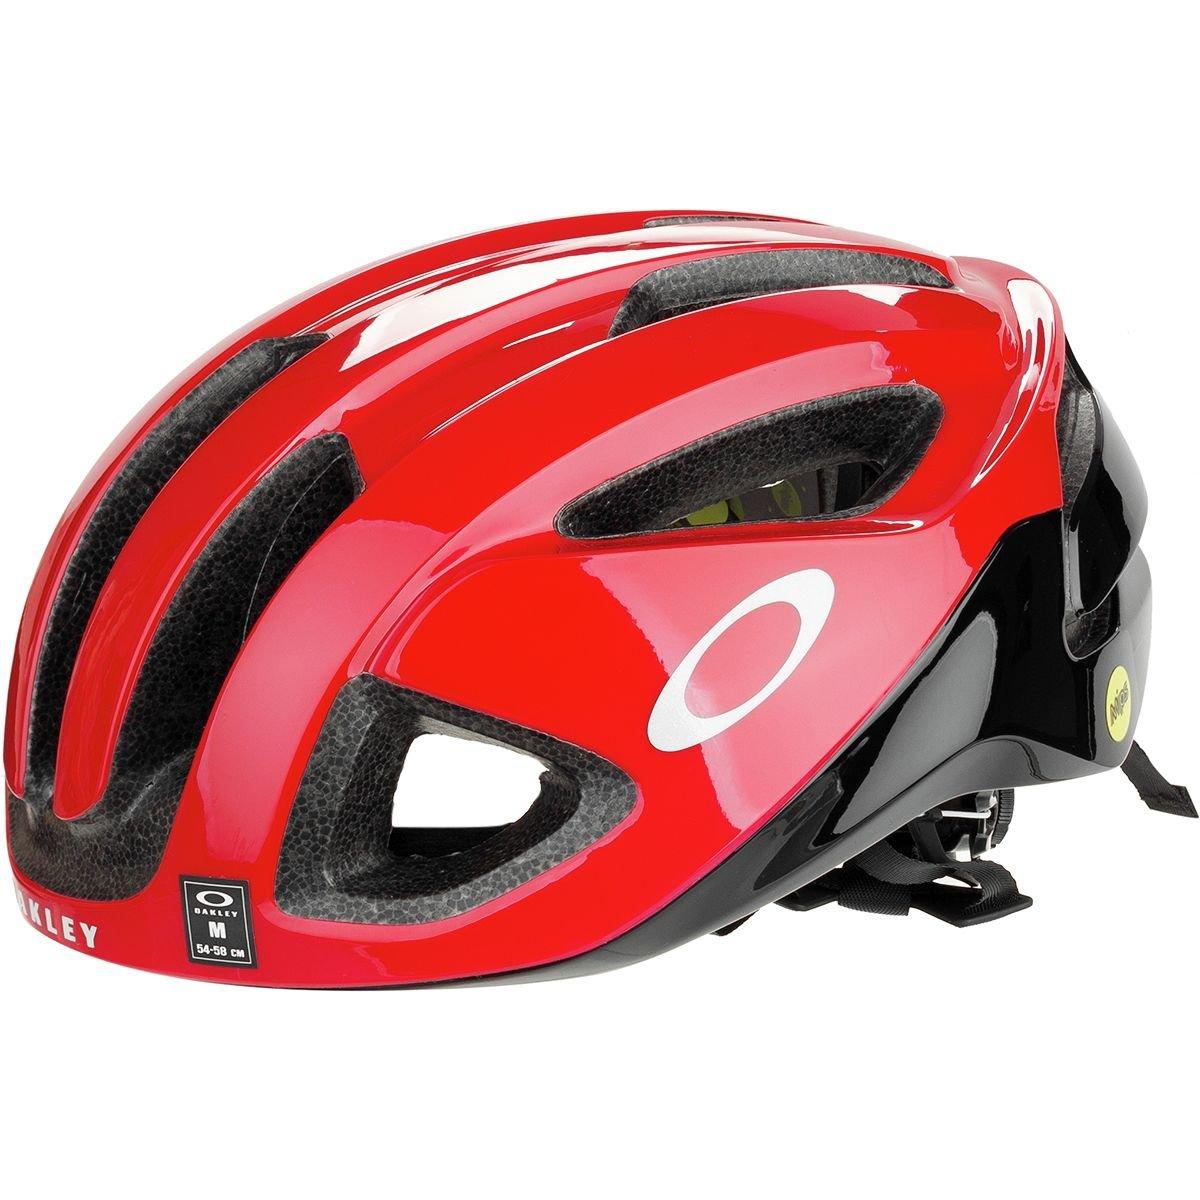 441eafbea7 Oakley Mountain Bike Helmets